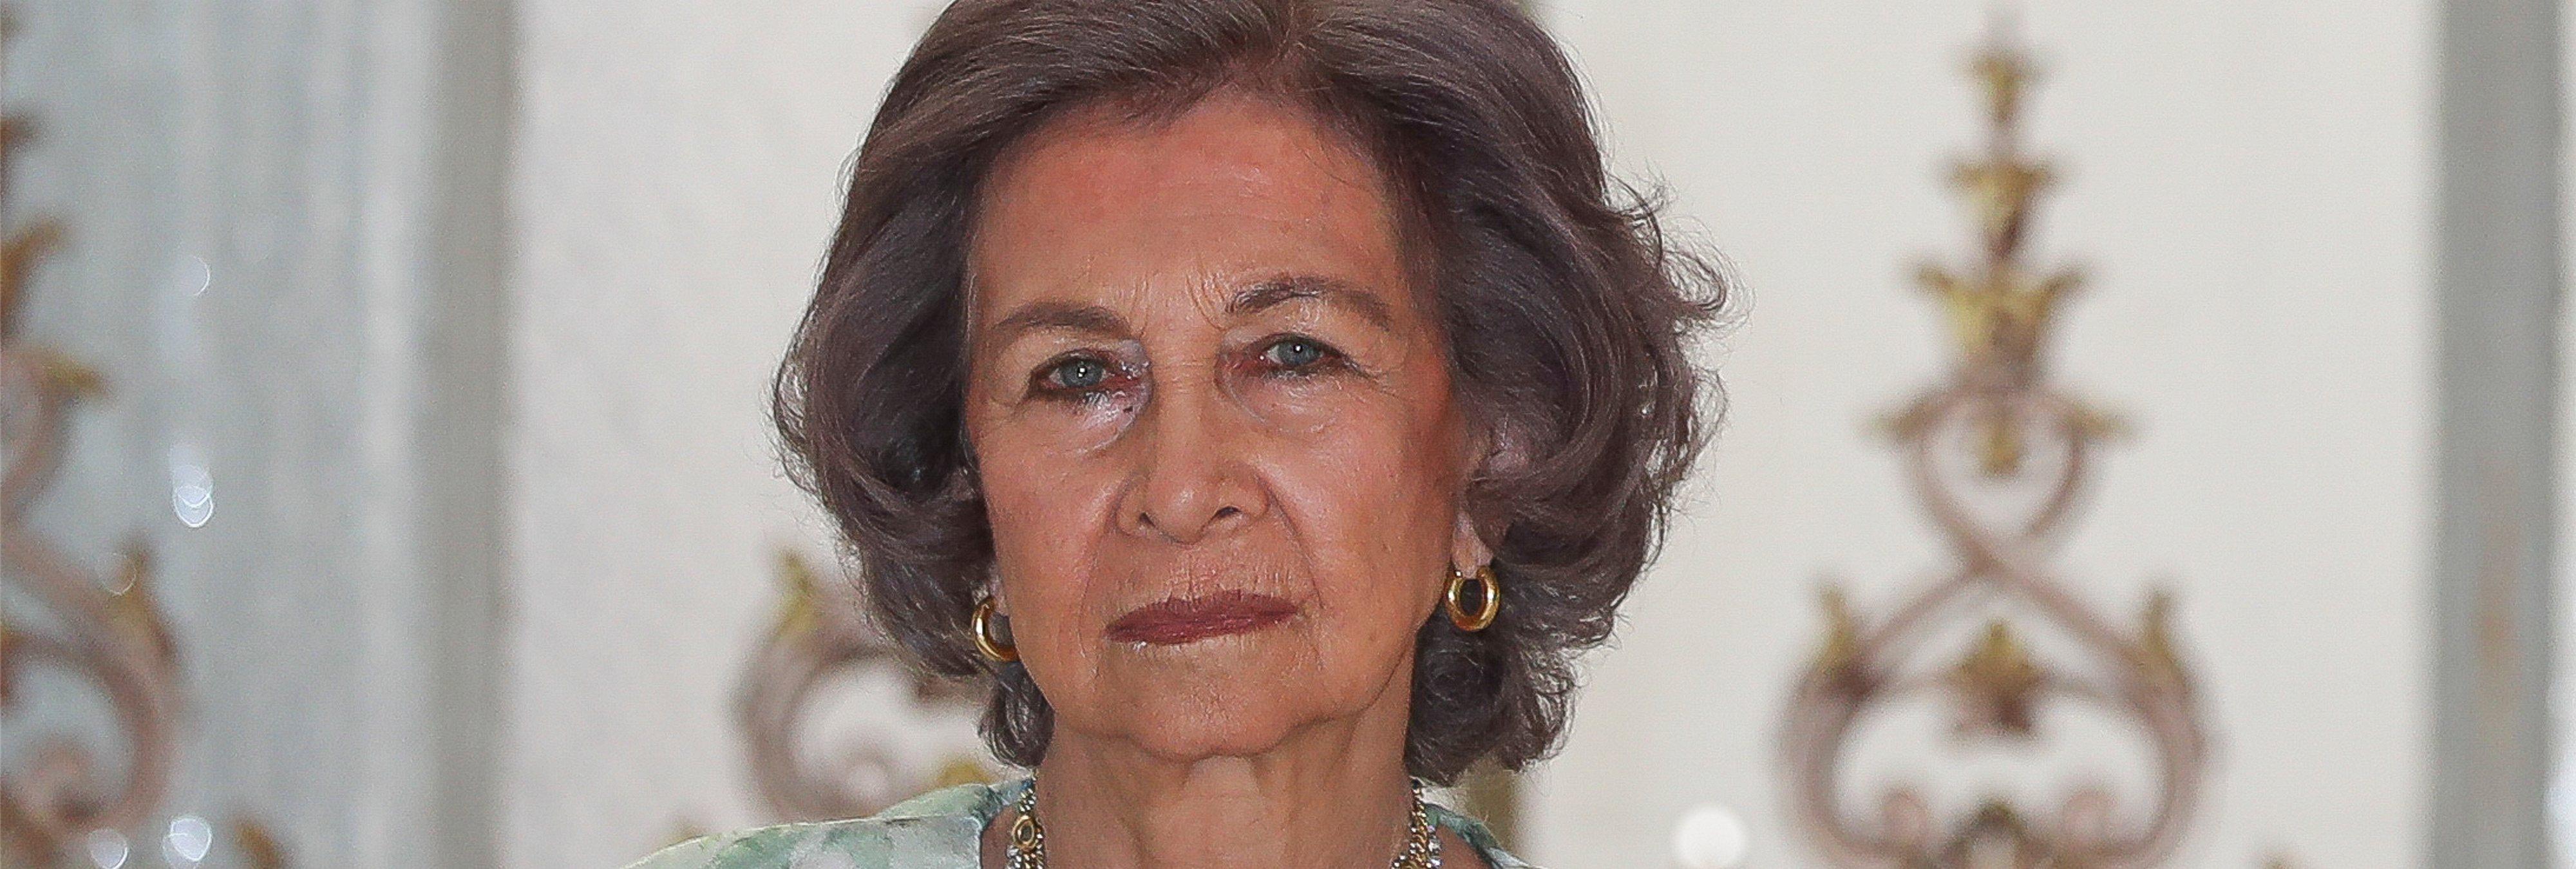 La reina Sofía, en contra de las familias monoparentales y de la reproducción asistida